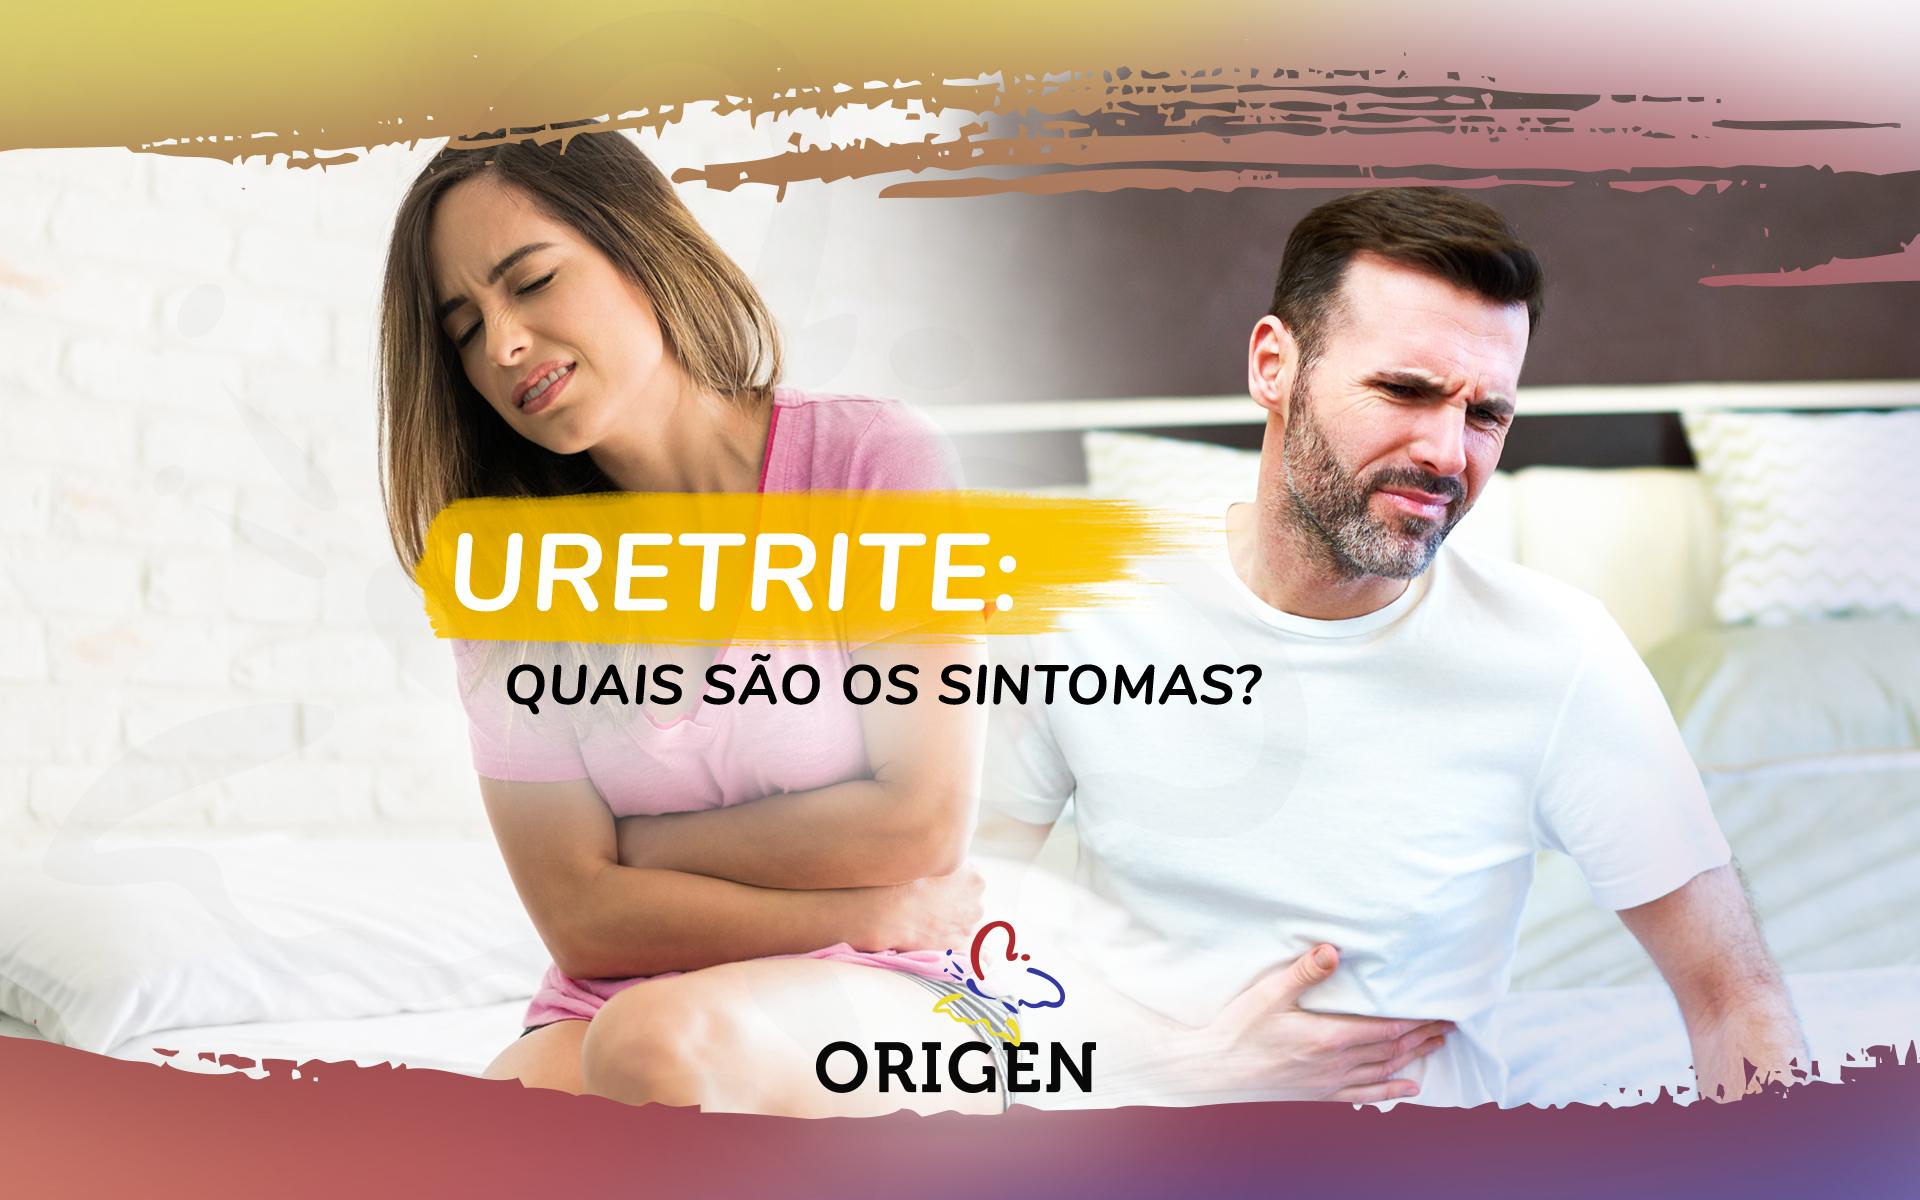 Uretrite: quais são os sintomas?